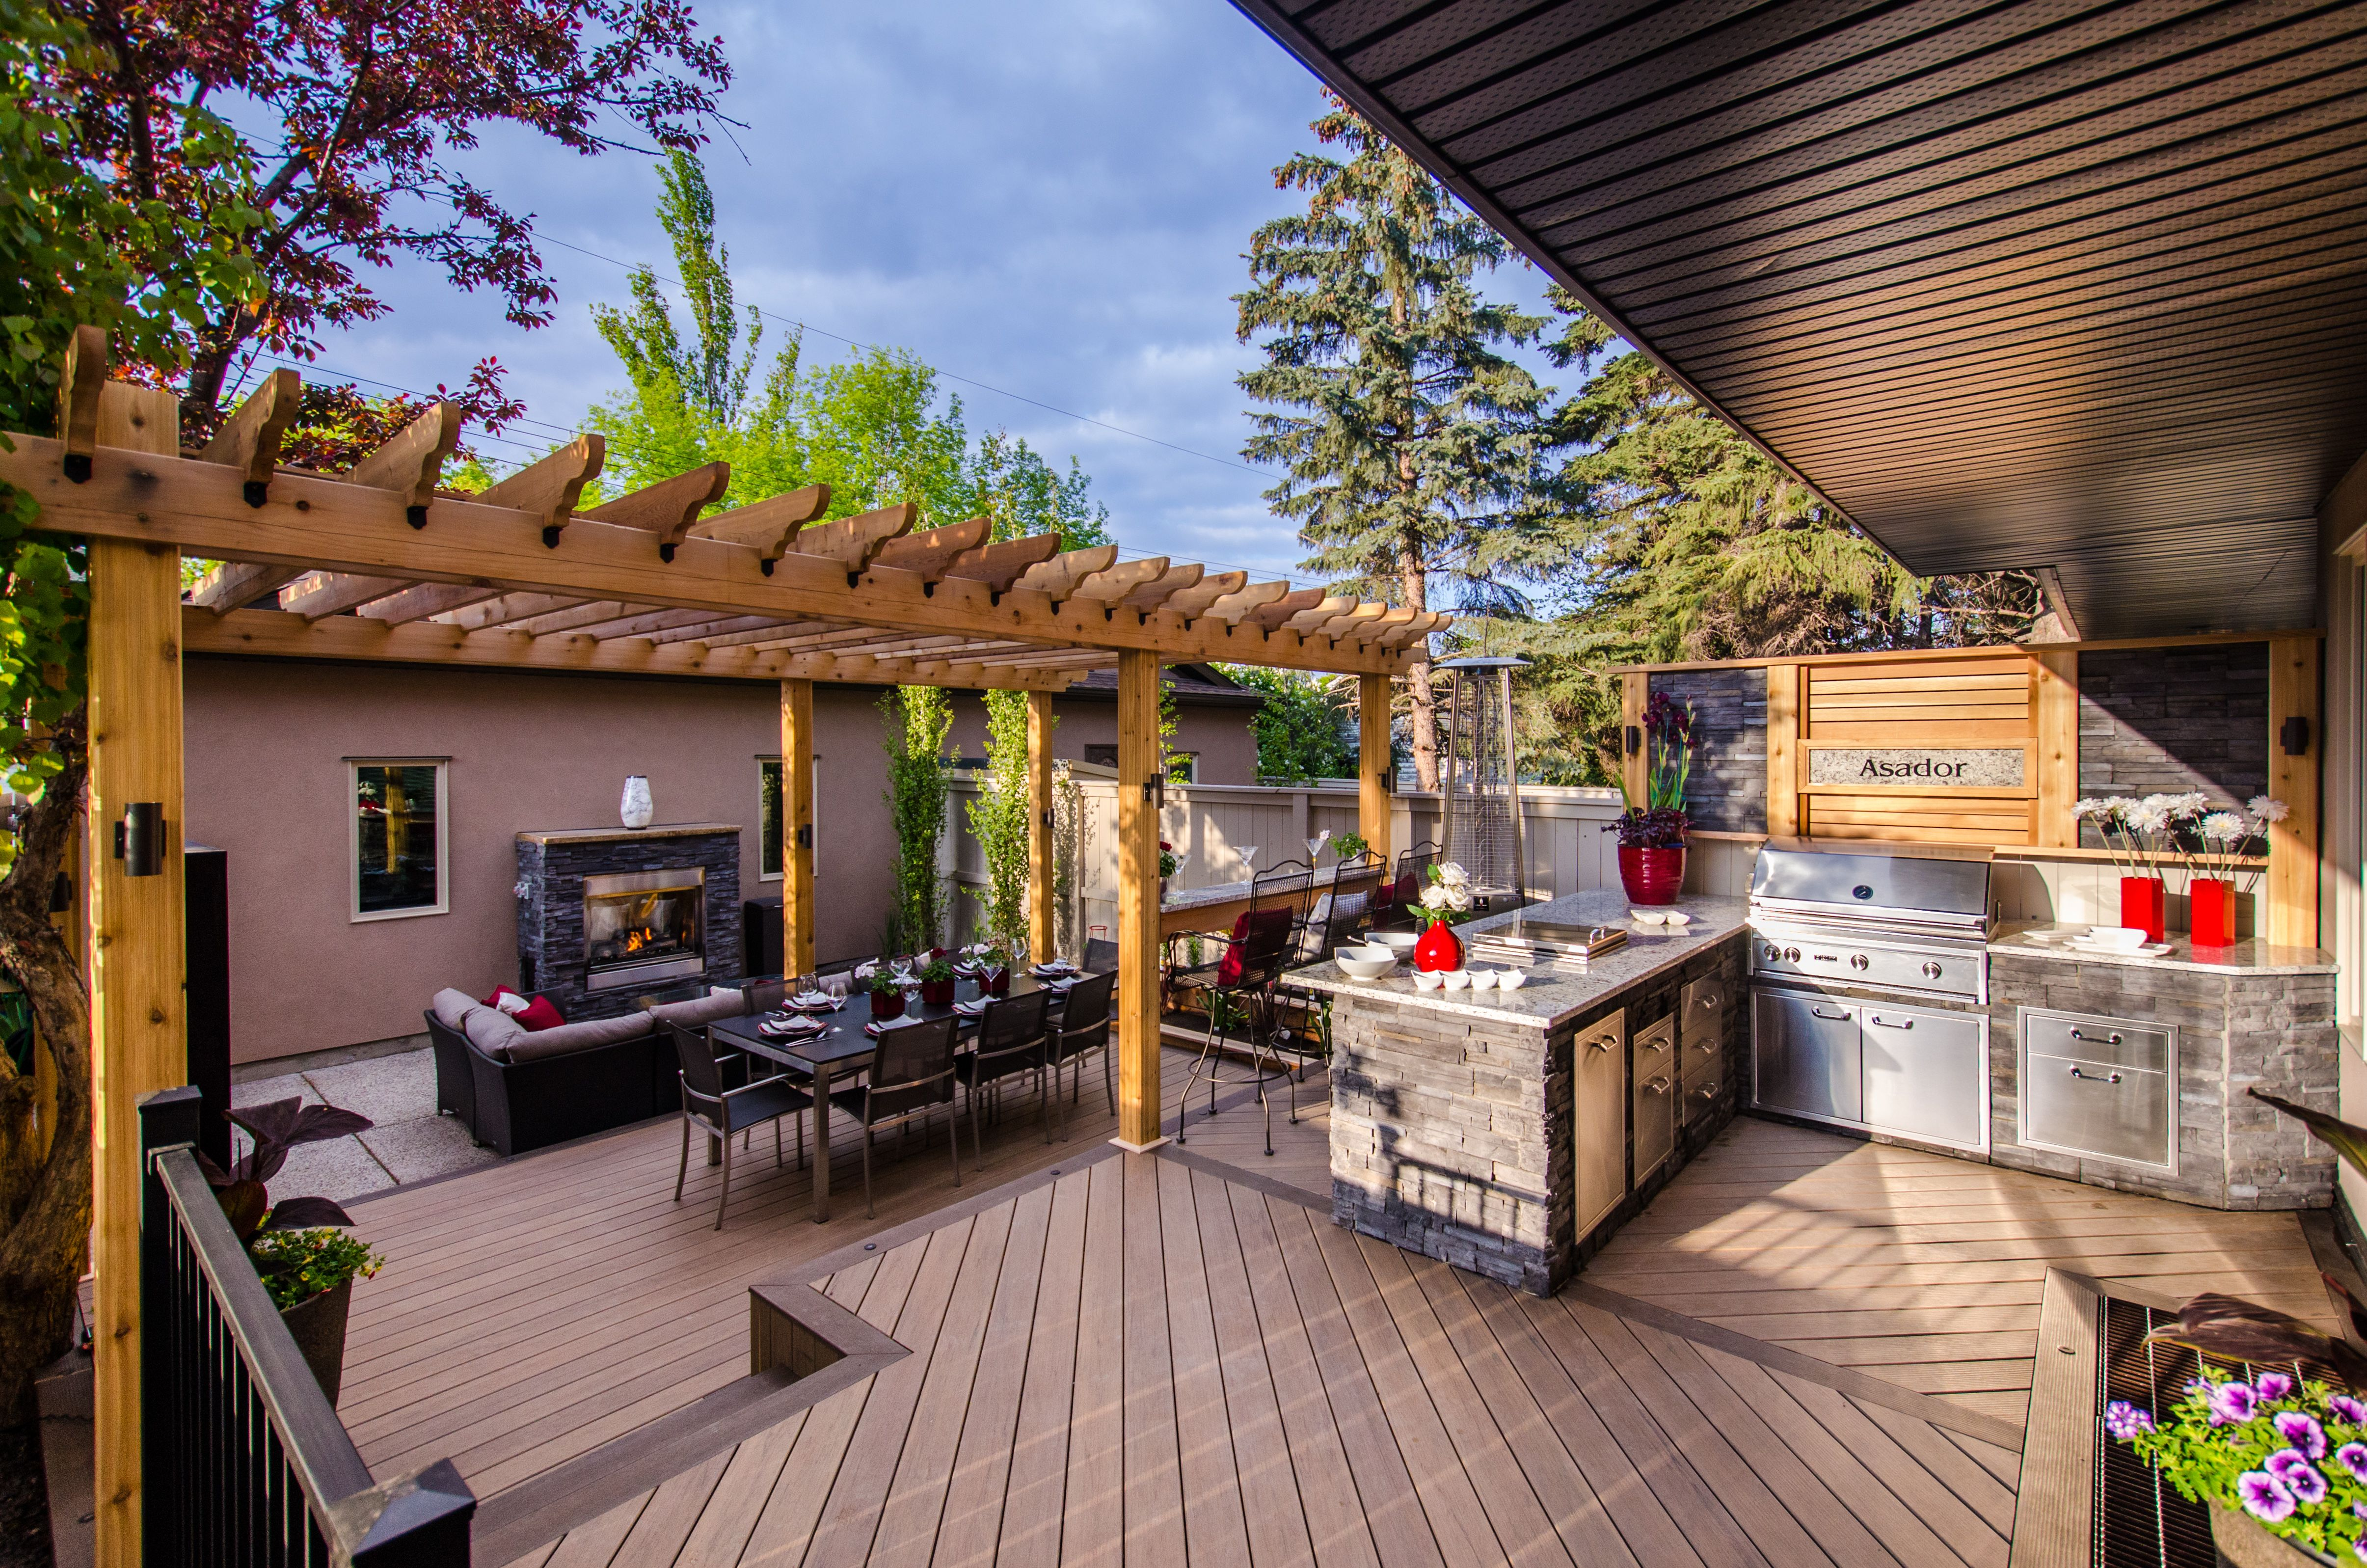 Multi Level Deck With Outdoor Kitchen Diy Outdoor Kitchen Patio Deck